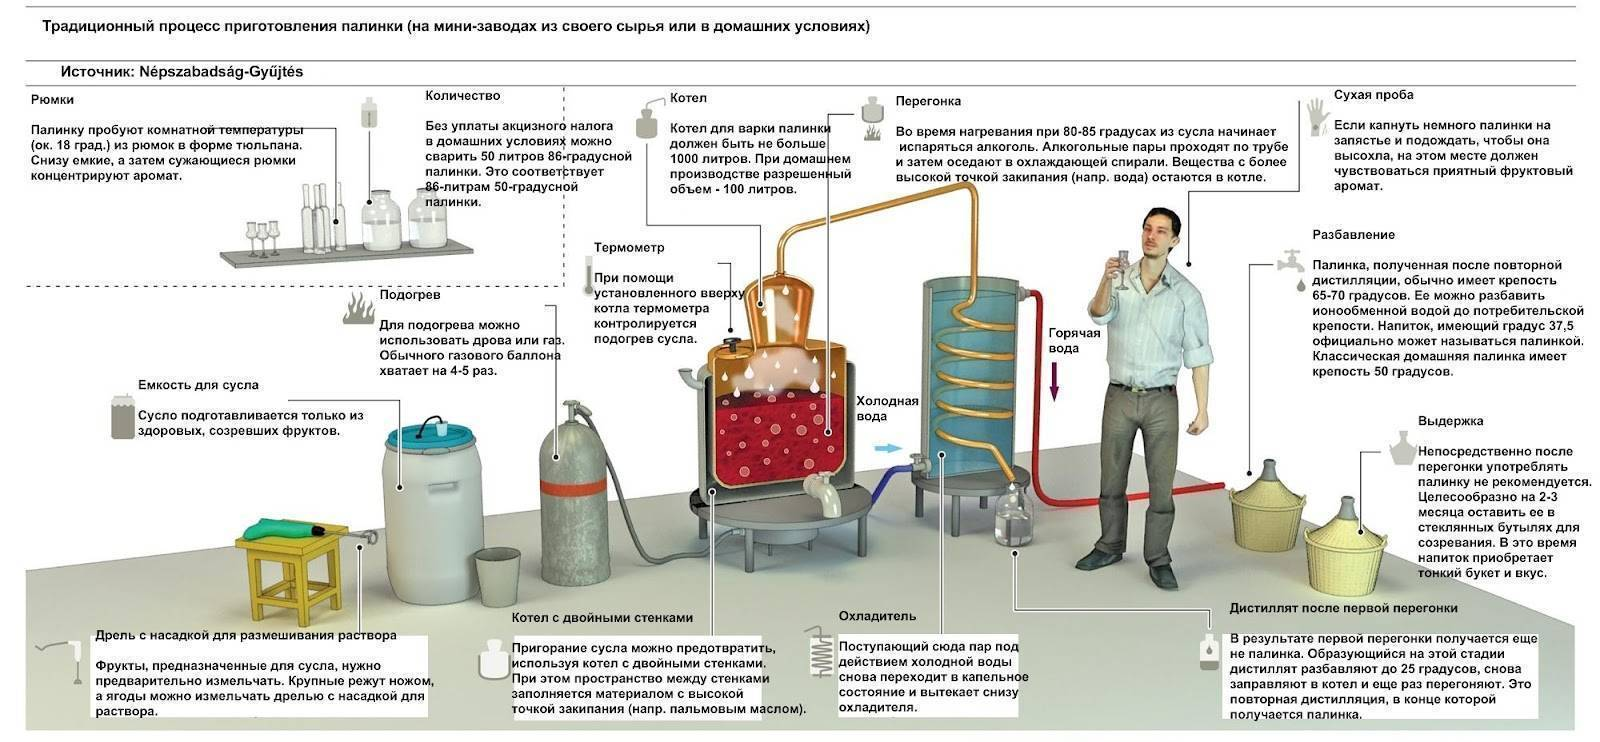 Правильные условия и важные правила для качественной браги на самогон   про самогон и другие напитки ?   яндекс дзен